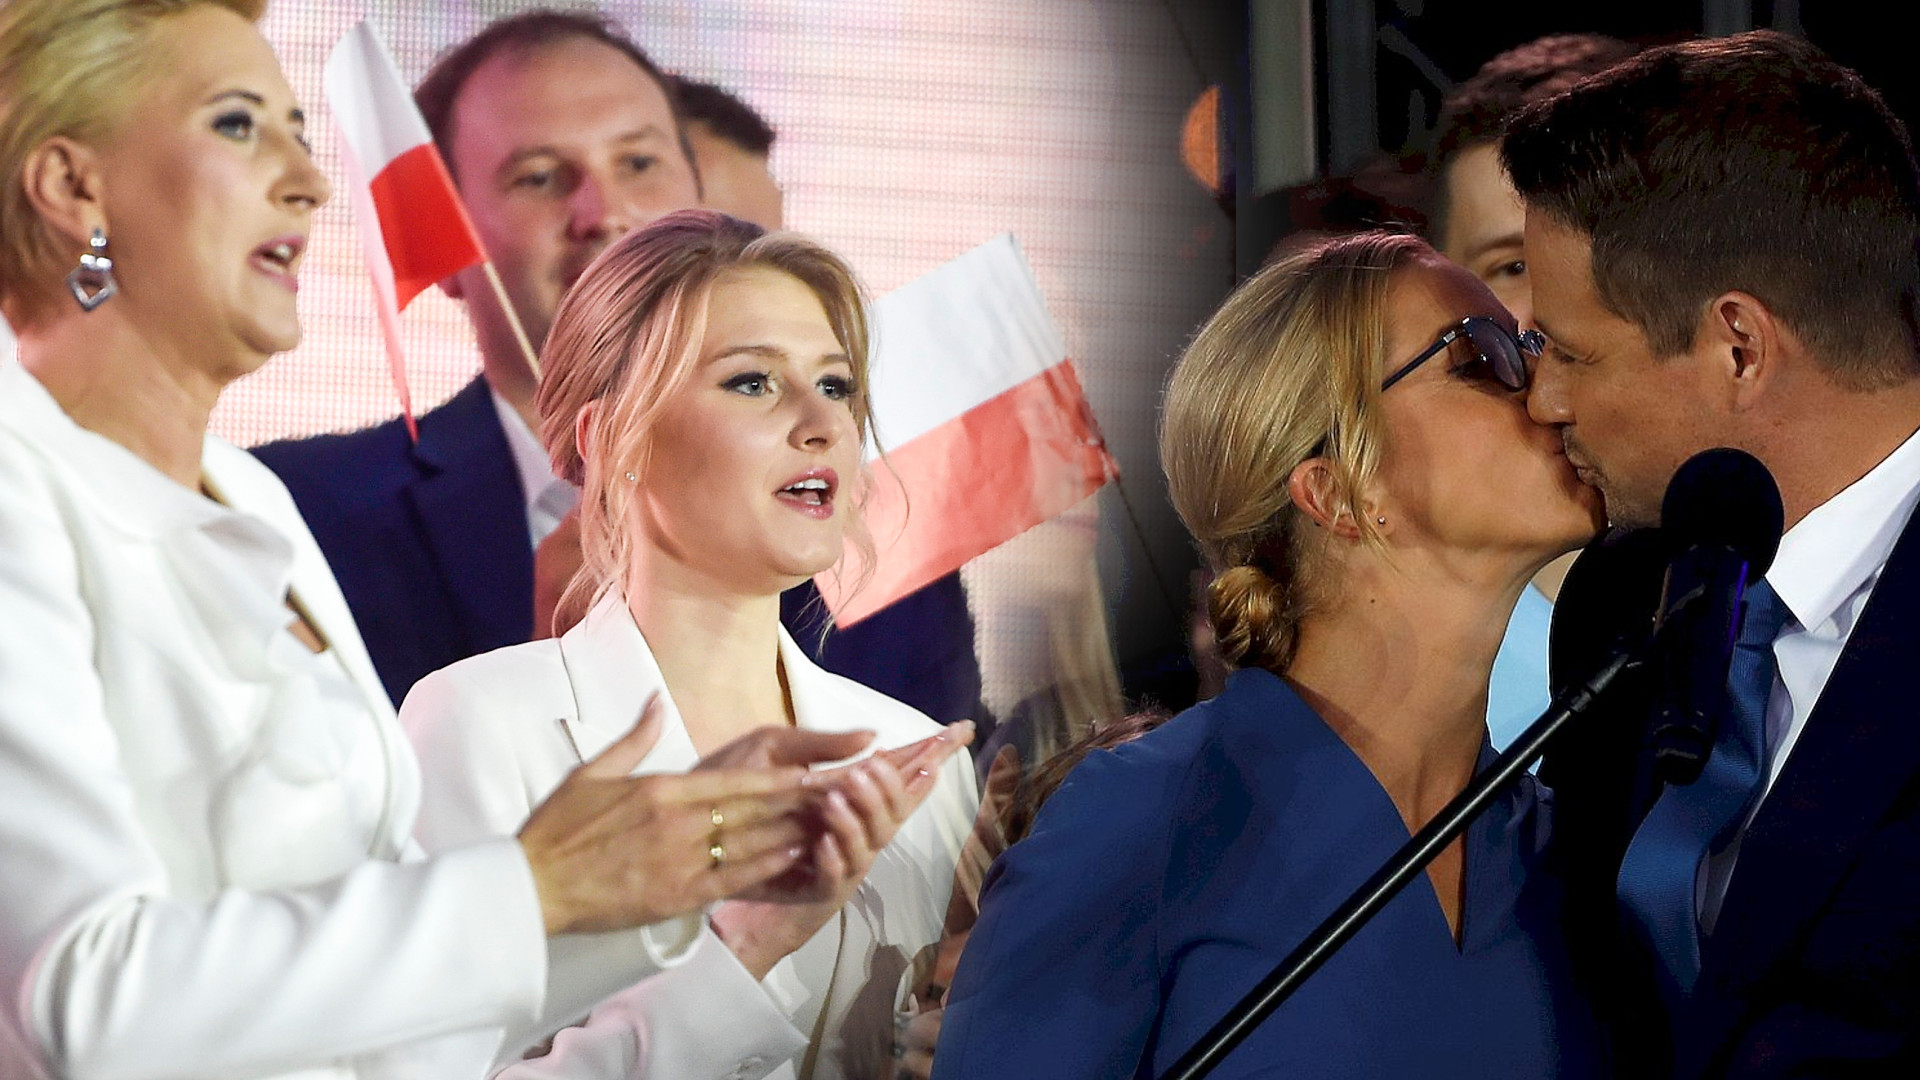 Andrzej Duda i Rafał Trzaskowski z rodzinami na wieczorze wyborczym. Kinga Duda ZACHWYCIŁA stylizacją (ZDJĘCIA)